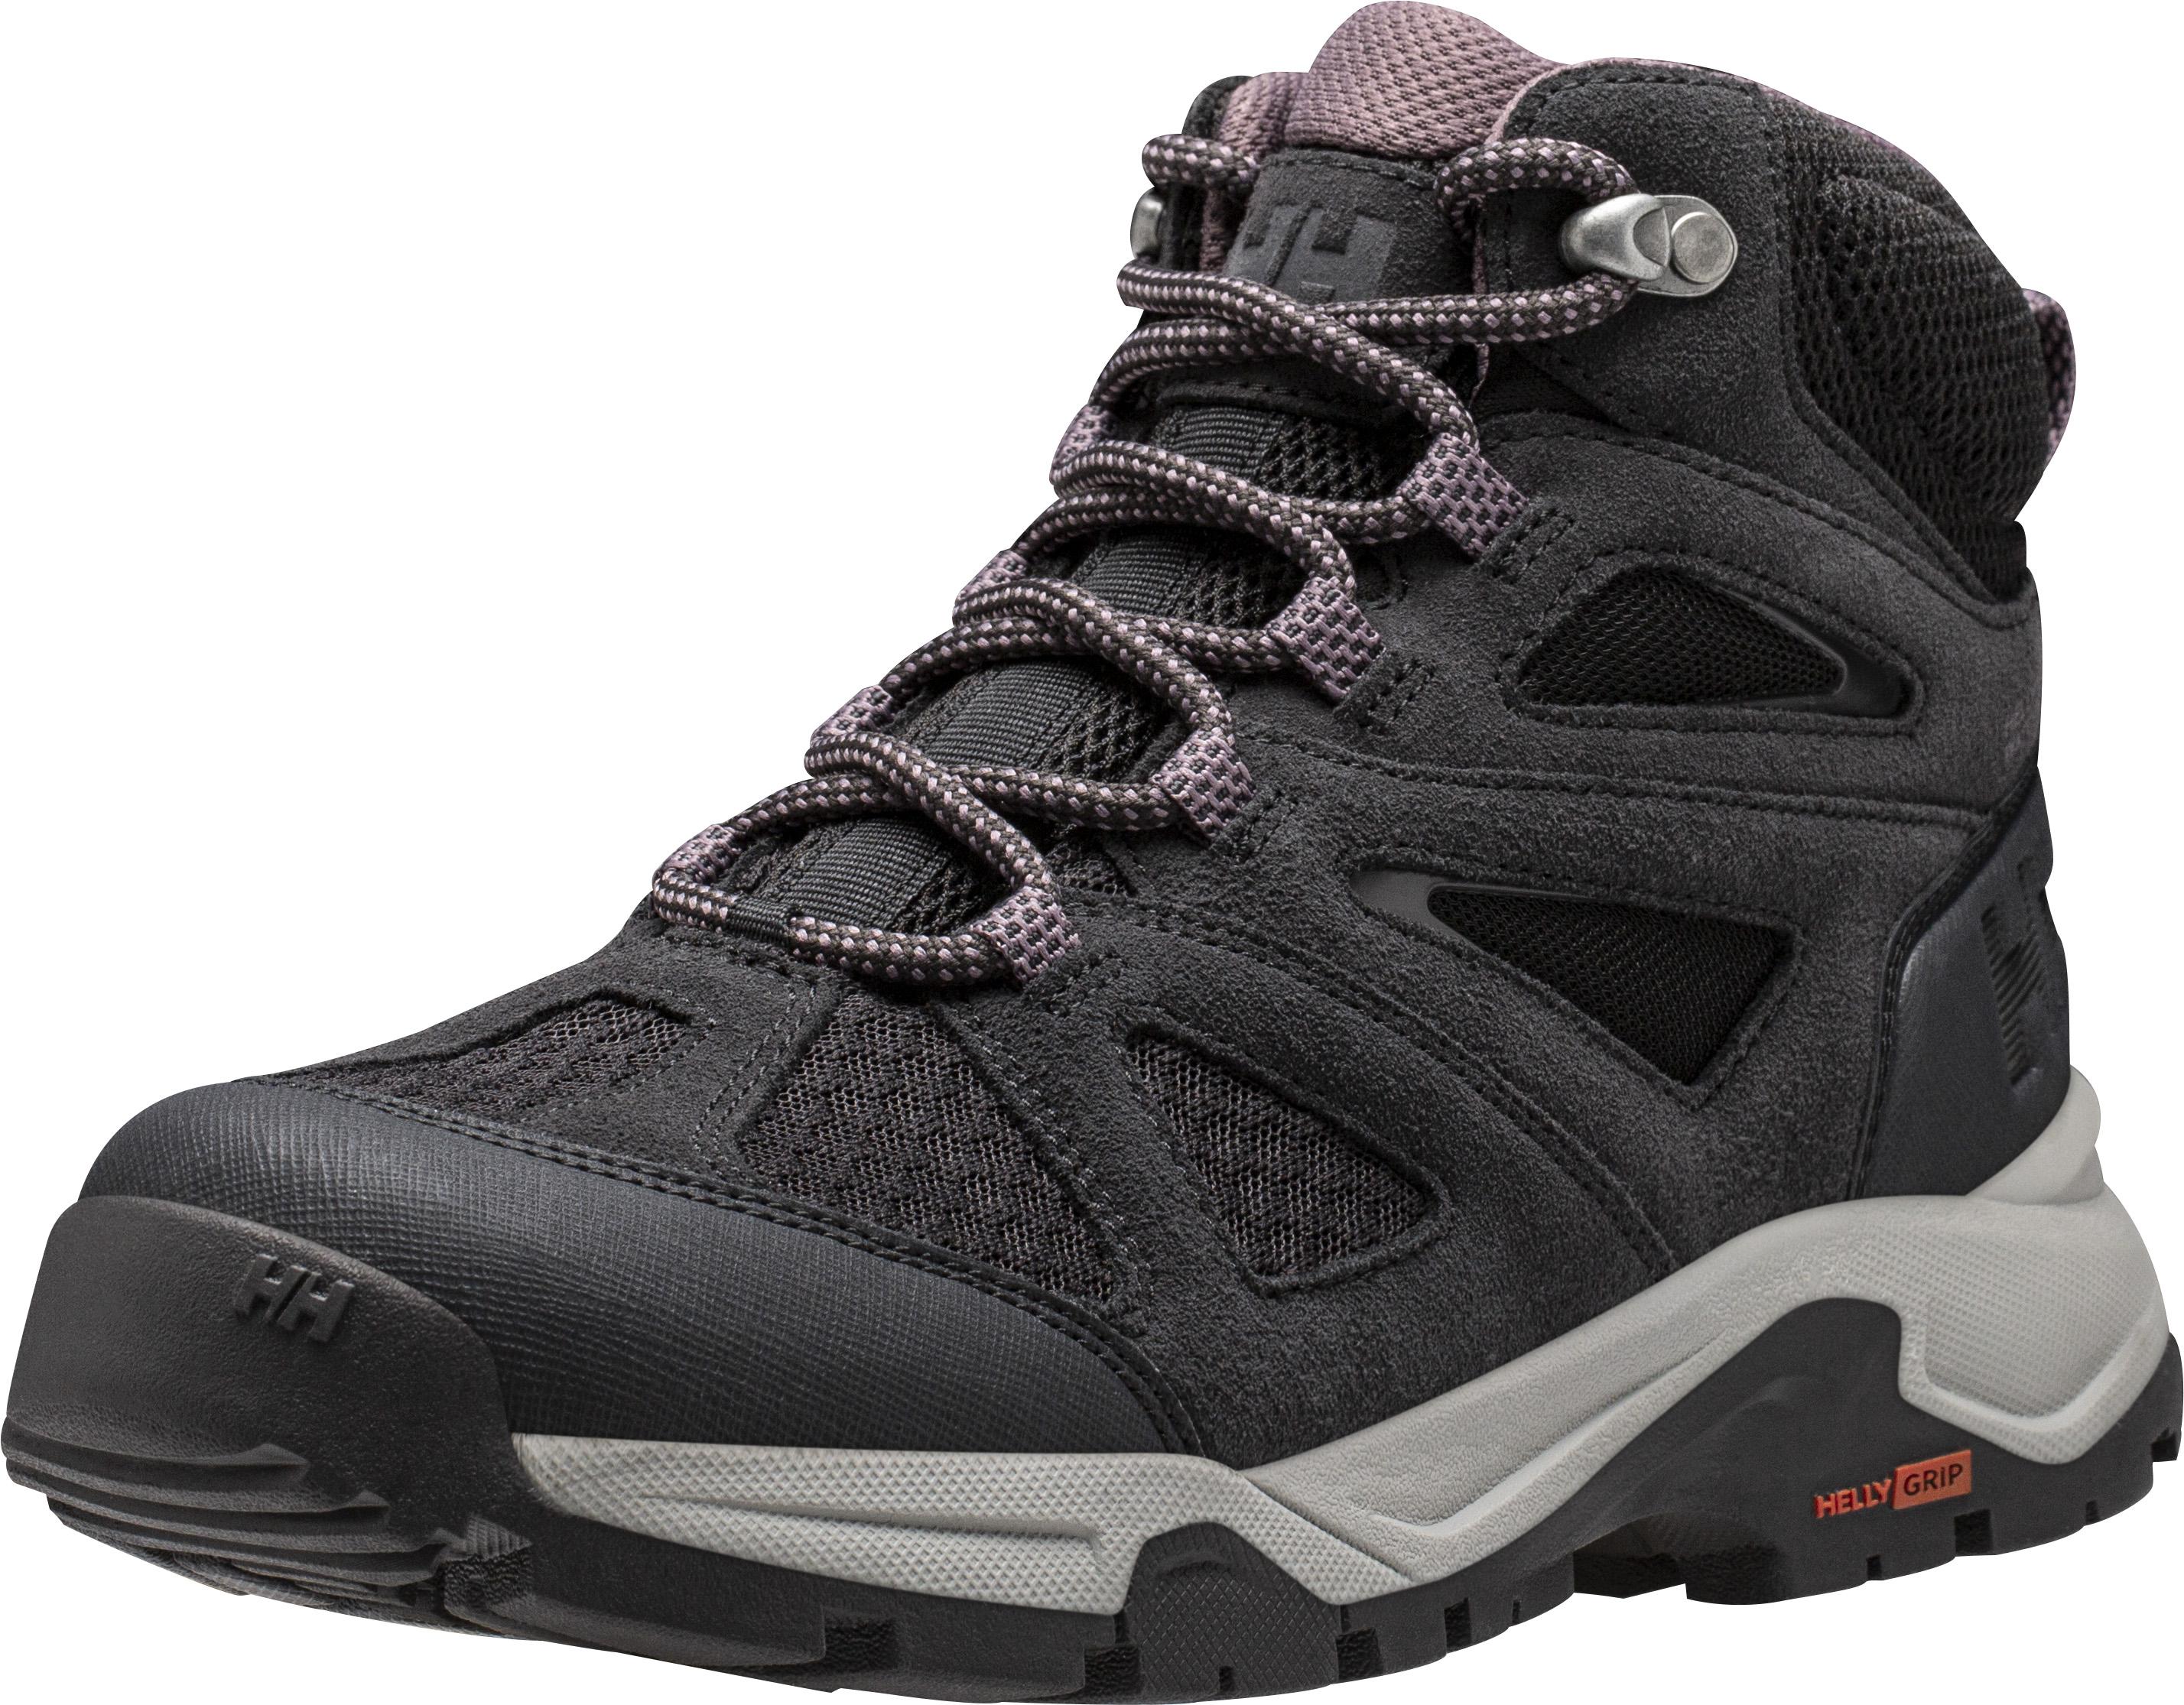 Helly Hansen Switchback Trail Helly Tech women's walking boot (Helly Hansen/PA)